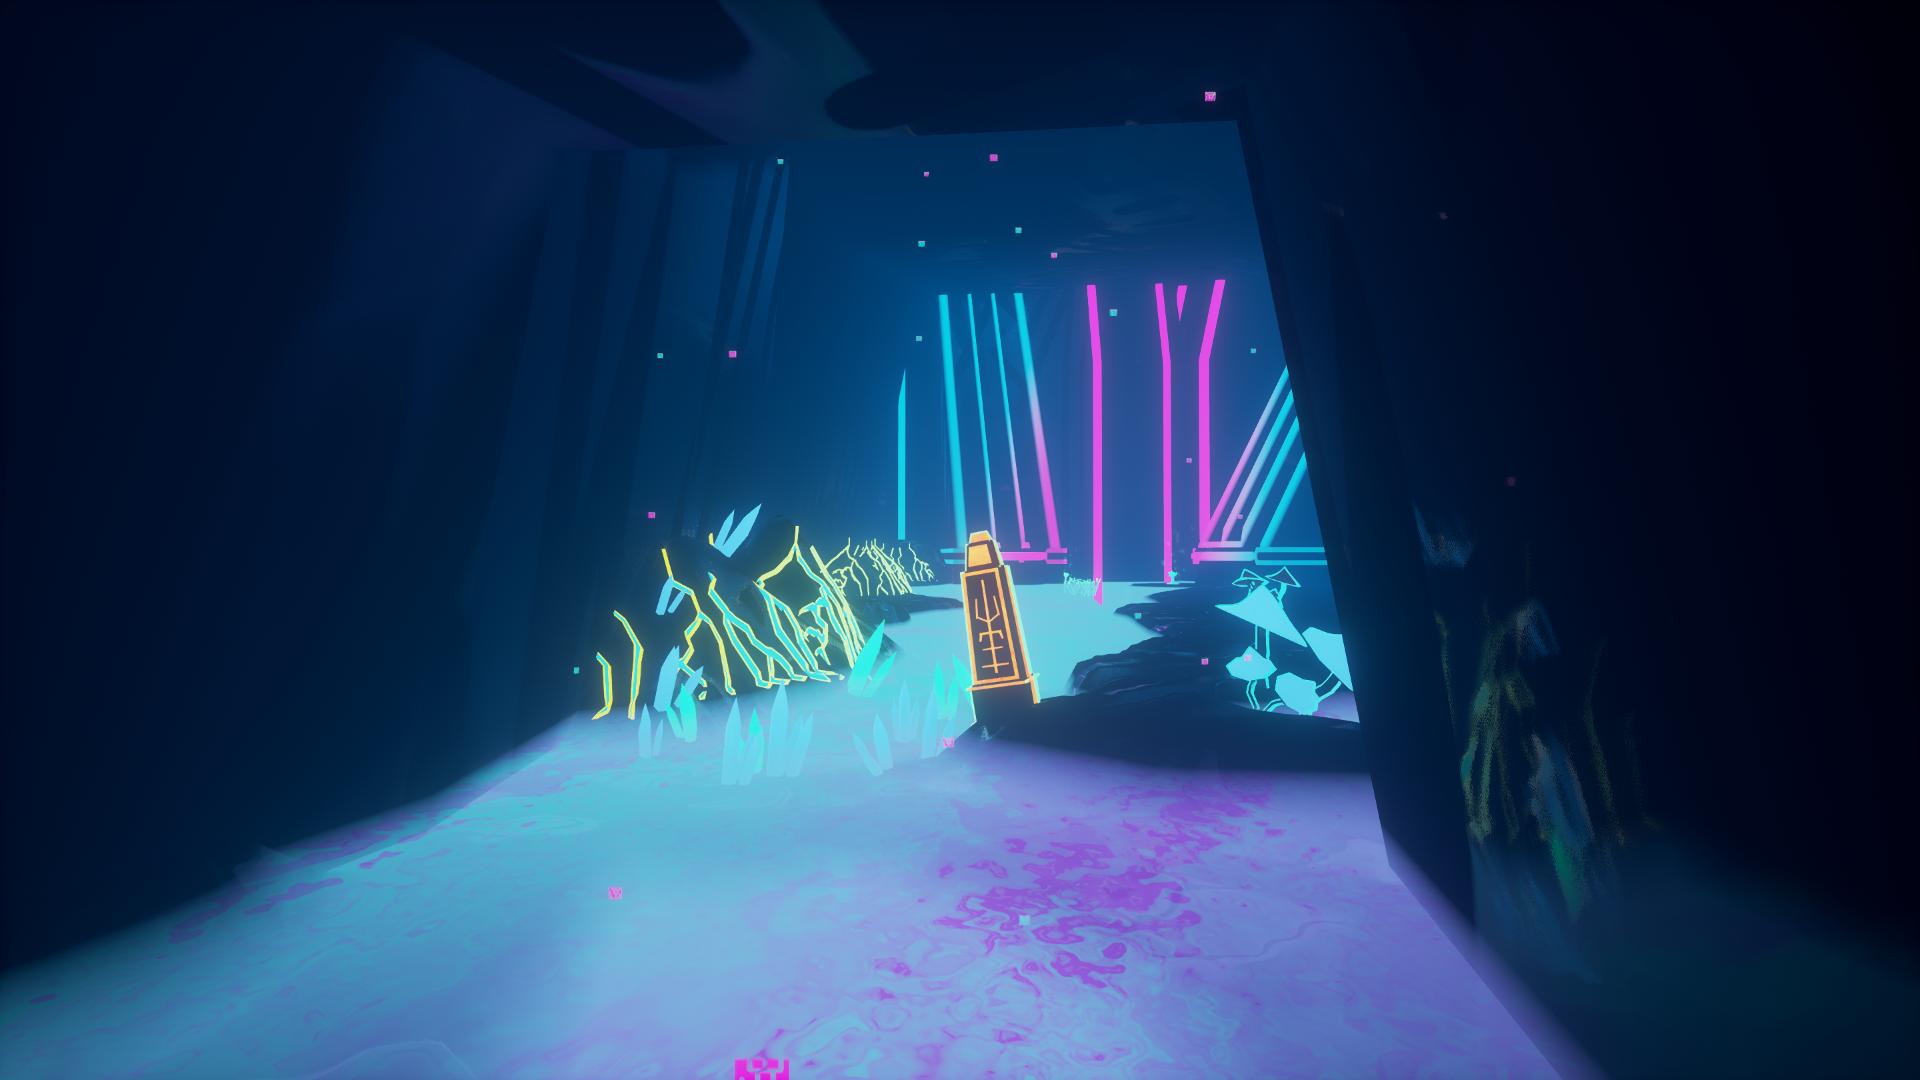 A hidden cave awaits you with hidden lore